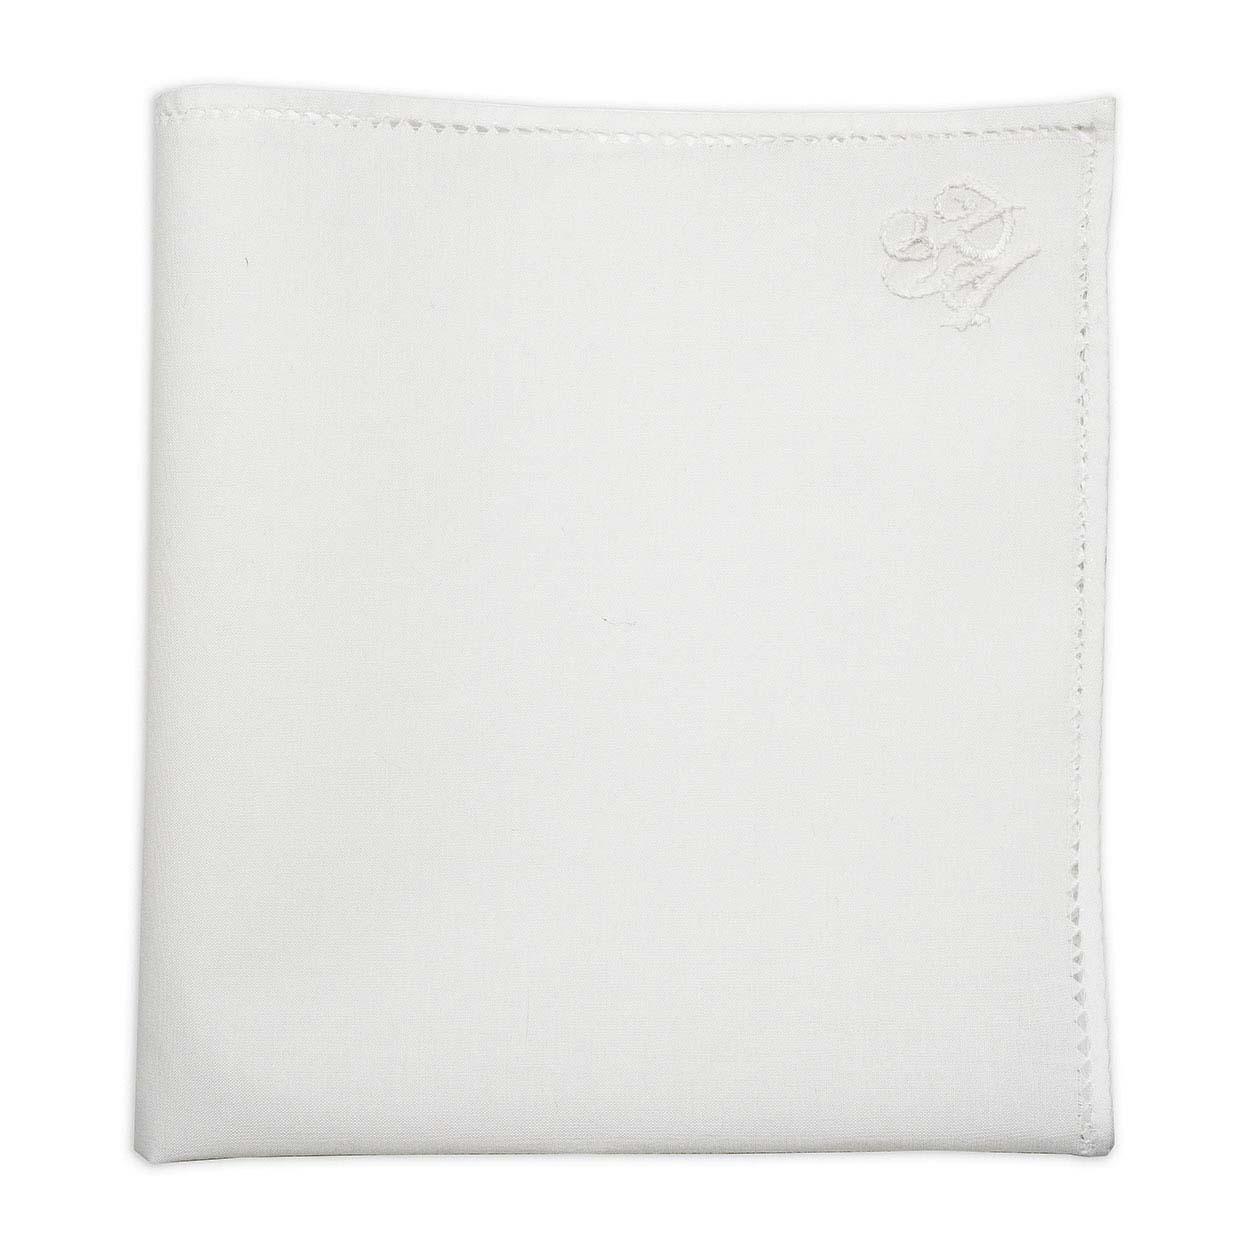 Λευκό μαντήλι πέτου με μονόγραμμα